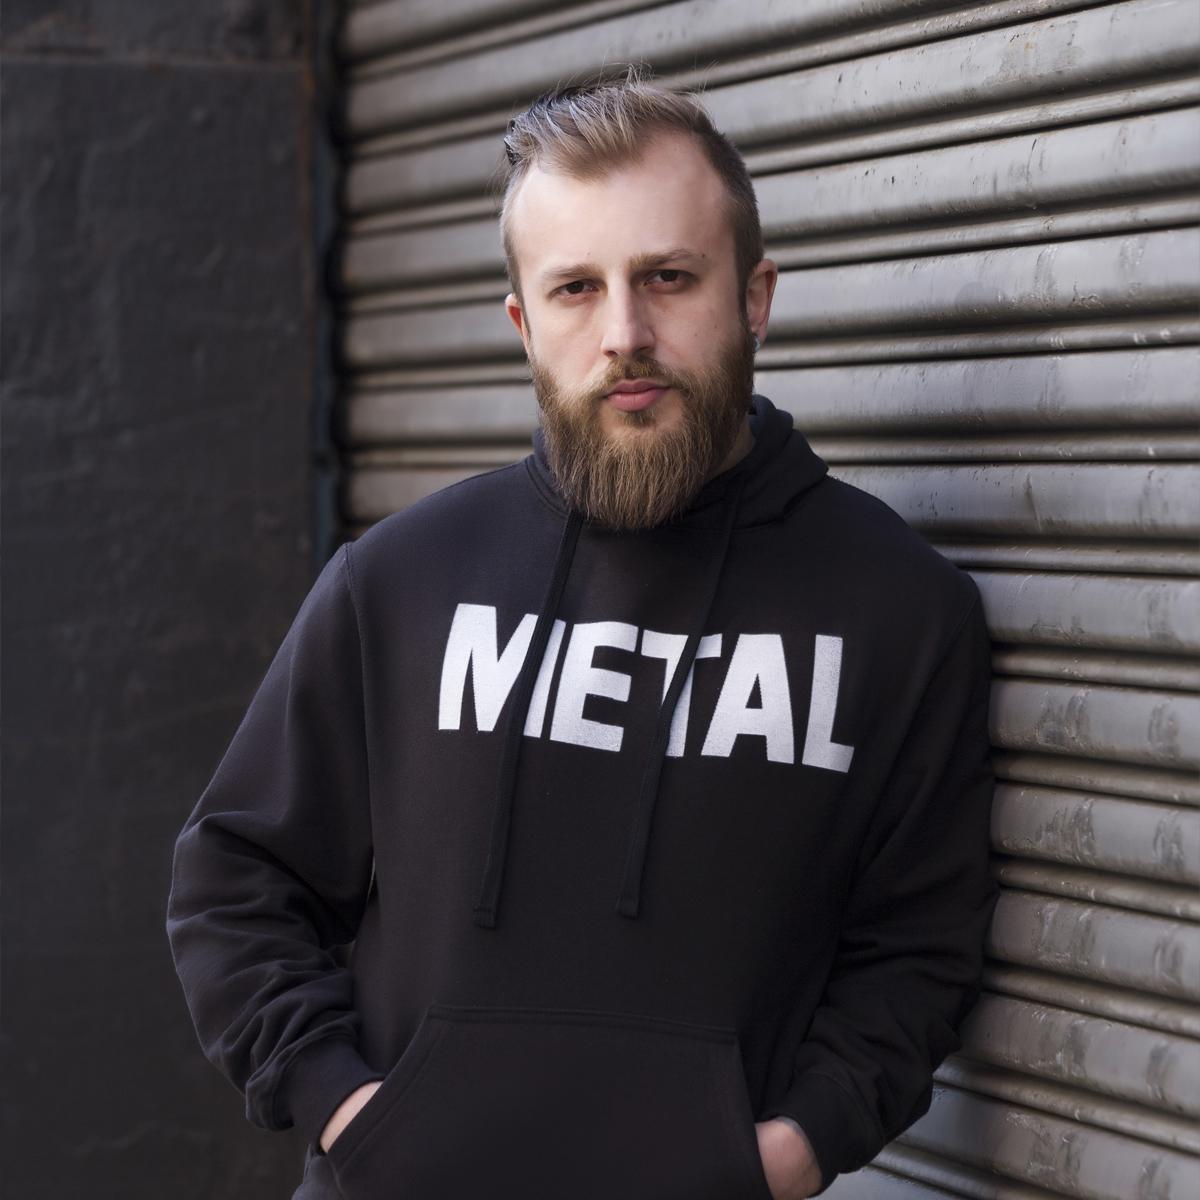 Metal Black Pull-Over Hoodie